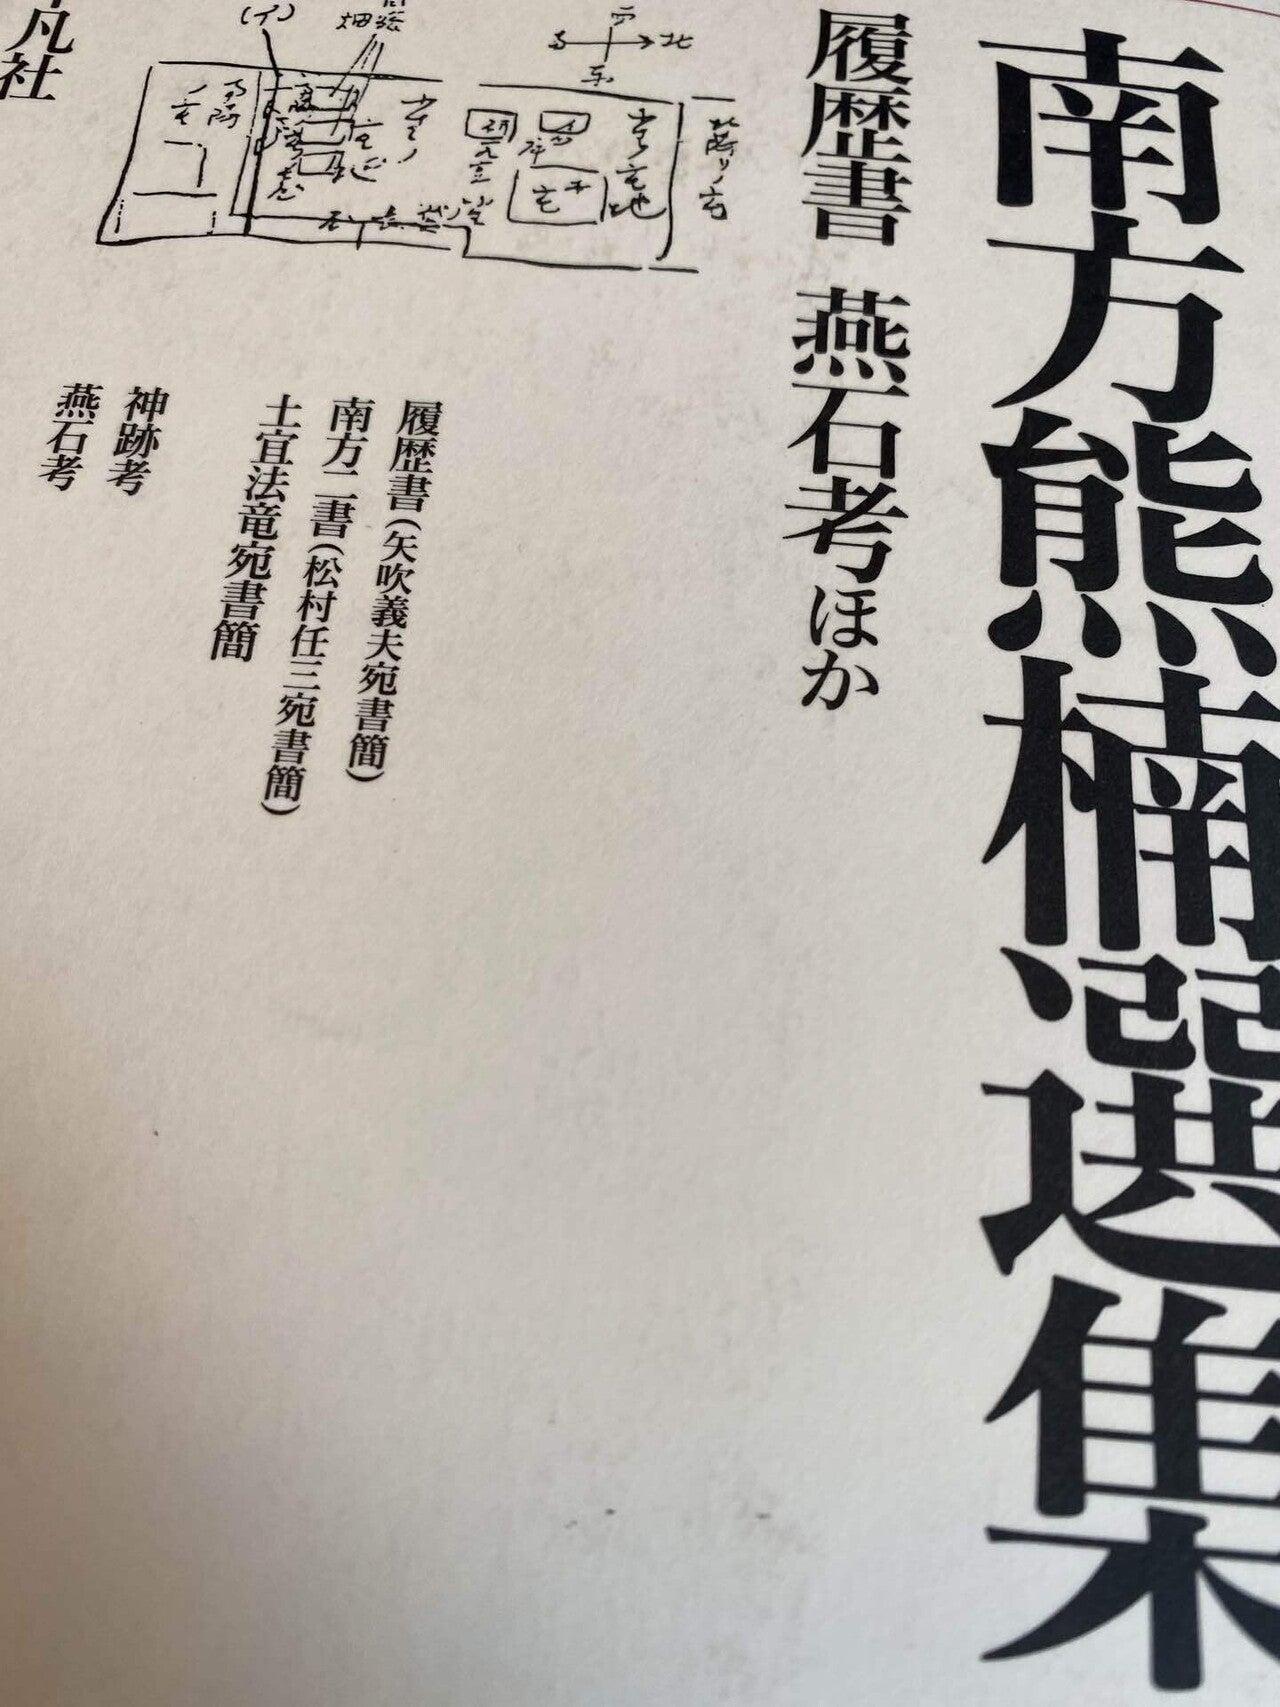 意味 両義 的 タギ テキ【多義的】の例文集・使い方辞典